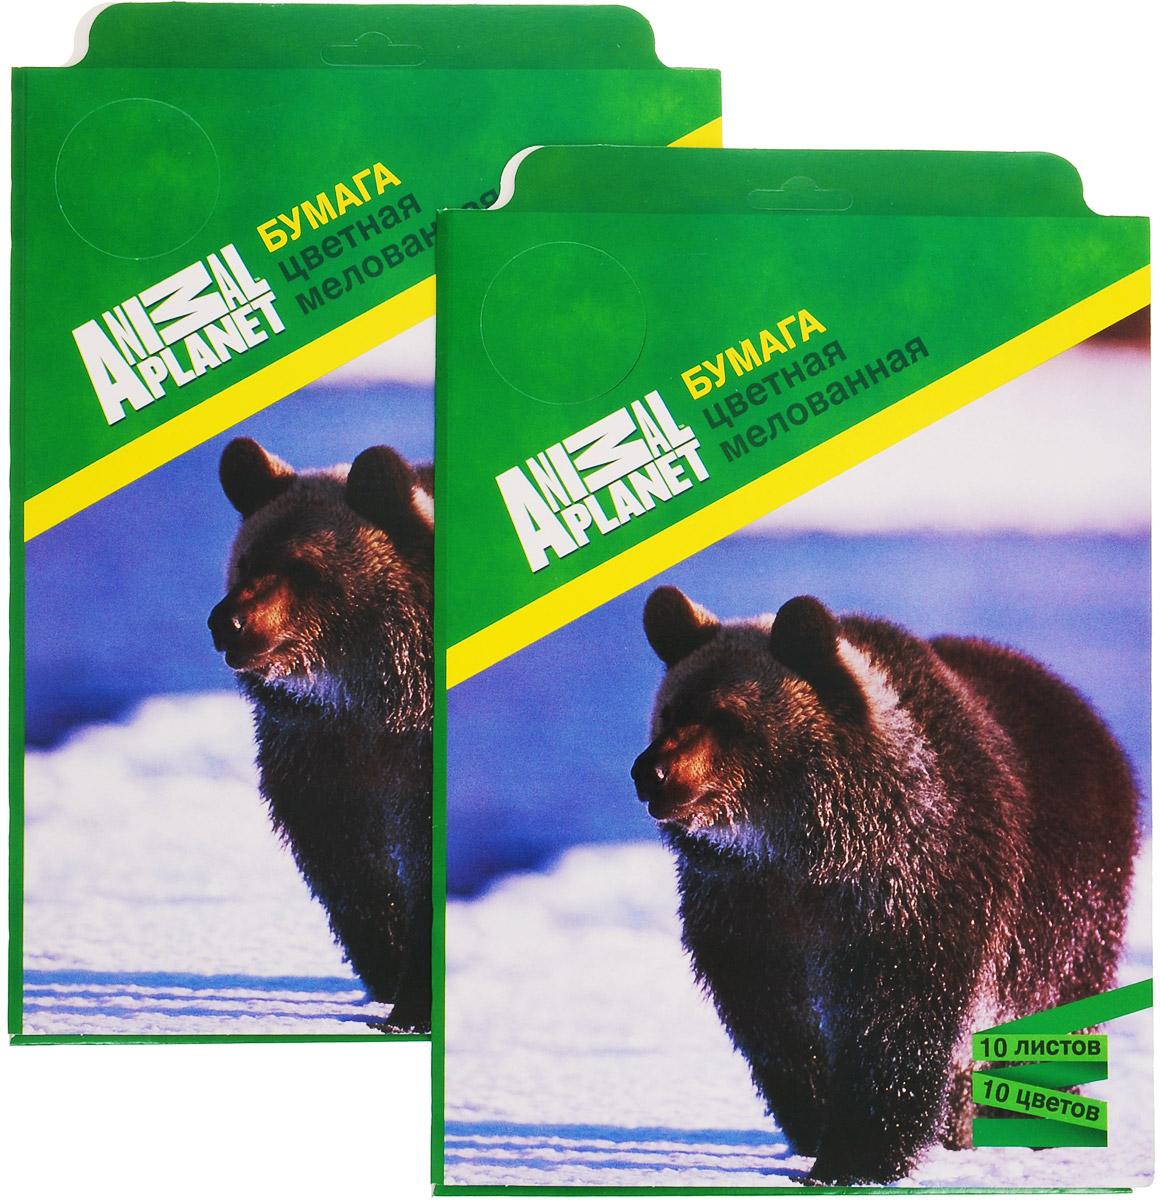 Набор цветной бумаги Action! Animal Planet, мелованная, 10 листов, 2 шт72523WDНабор цветной бумаги Action! Animal Planet позволит вашему ребенку создавать всевозможные аппликации и поделки. Набор содержит 10 листов цветной бумаги формата А4. Листы упакованы в оригинальную картонную папку, оформленную в тематике Animal Planet.Создание поделок из картона и бумаги поможет ребенку в развитии творческих способностей, кроме того, это увлекательный досуг.В комплекте 2 набора по 10 листов.Рекомендуемый возраст от 6 лет.Уважаемые клиенты! Обращаем ваше внимание на то, что упаковка может иметь несколько видов дизайна. Поставка осуществляется в зависимости от наличия на складе.